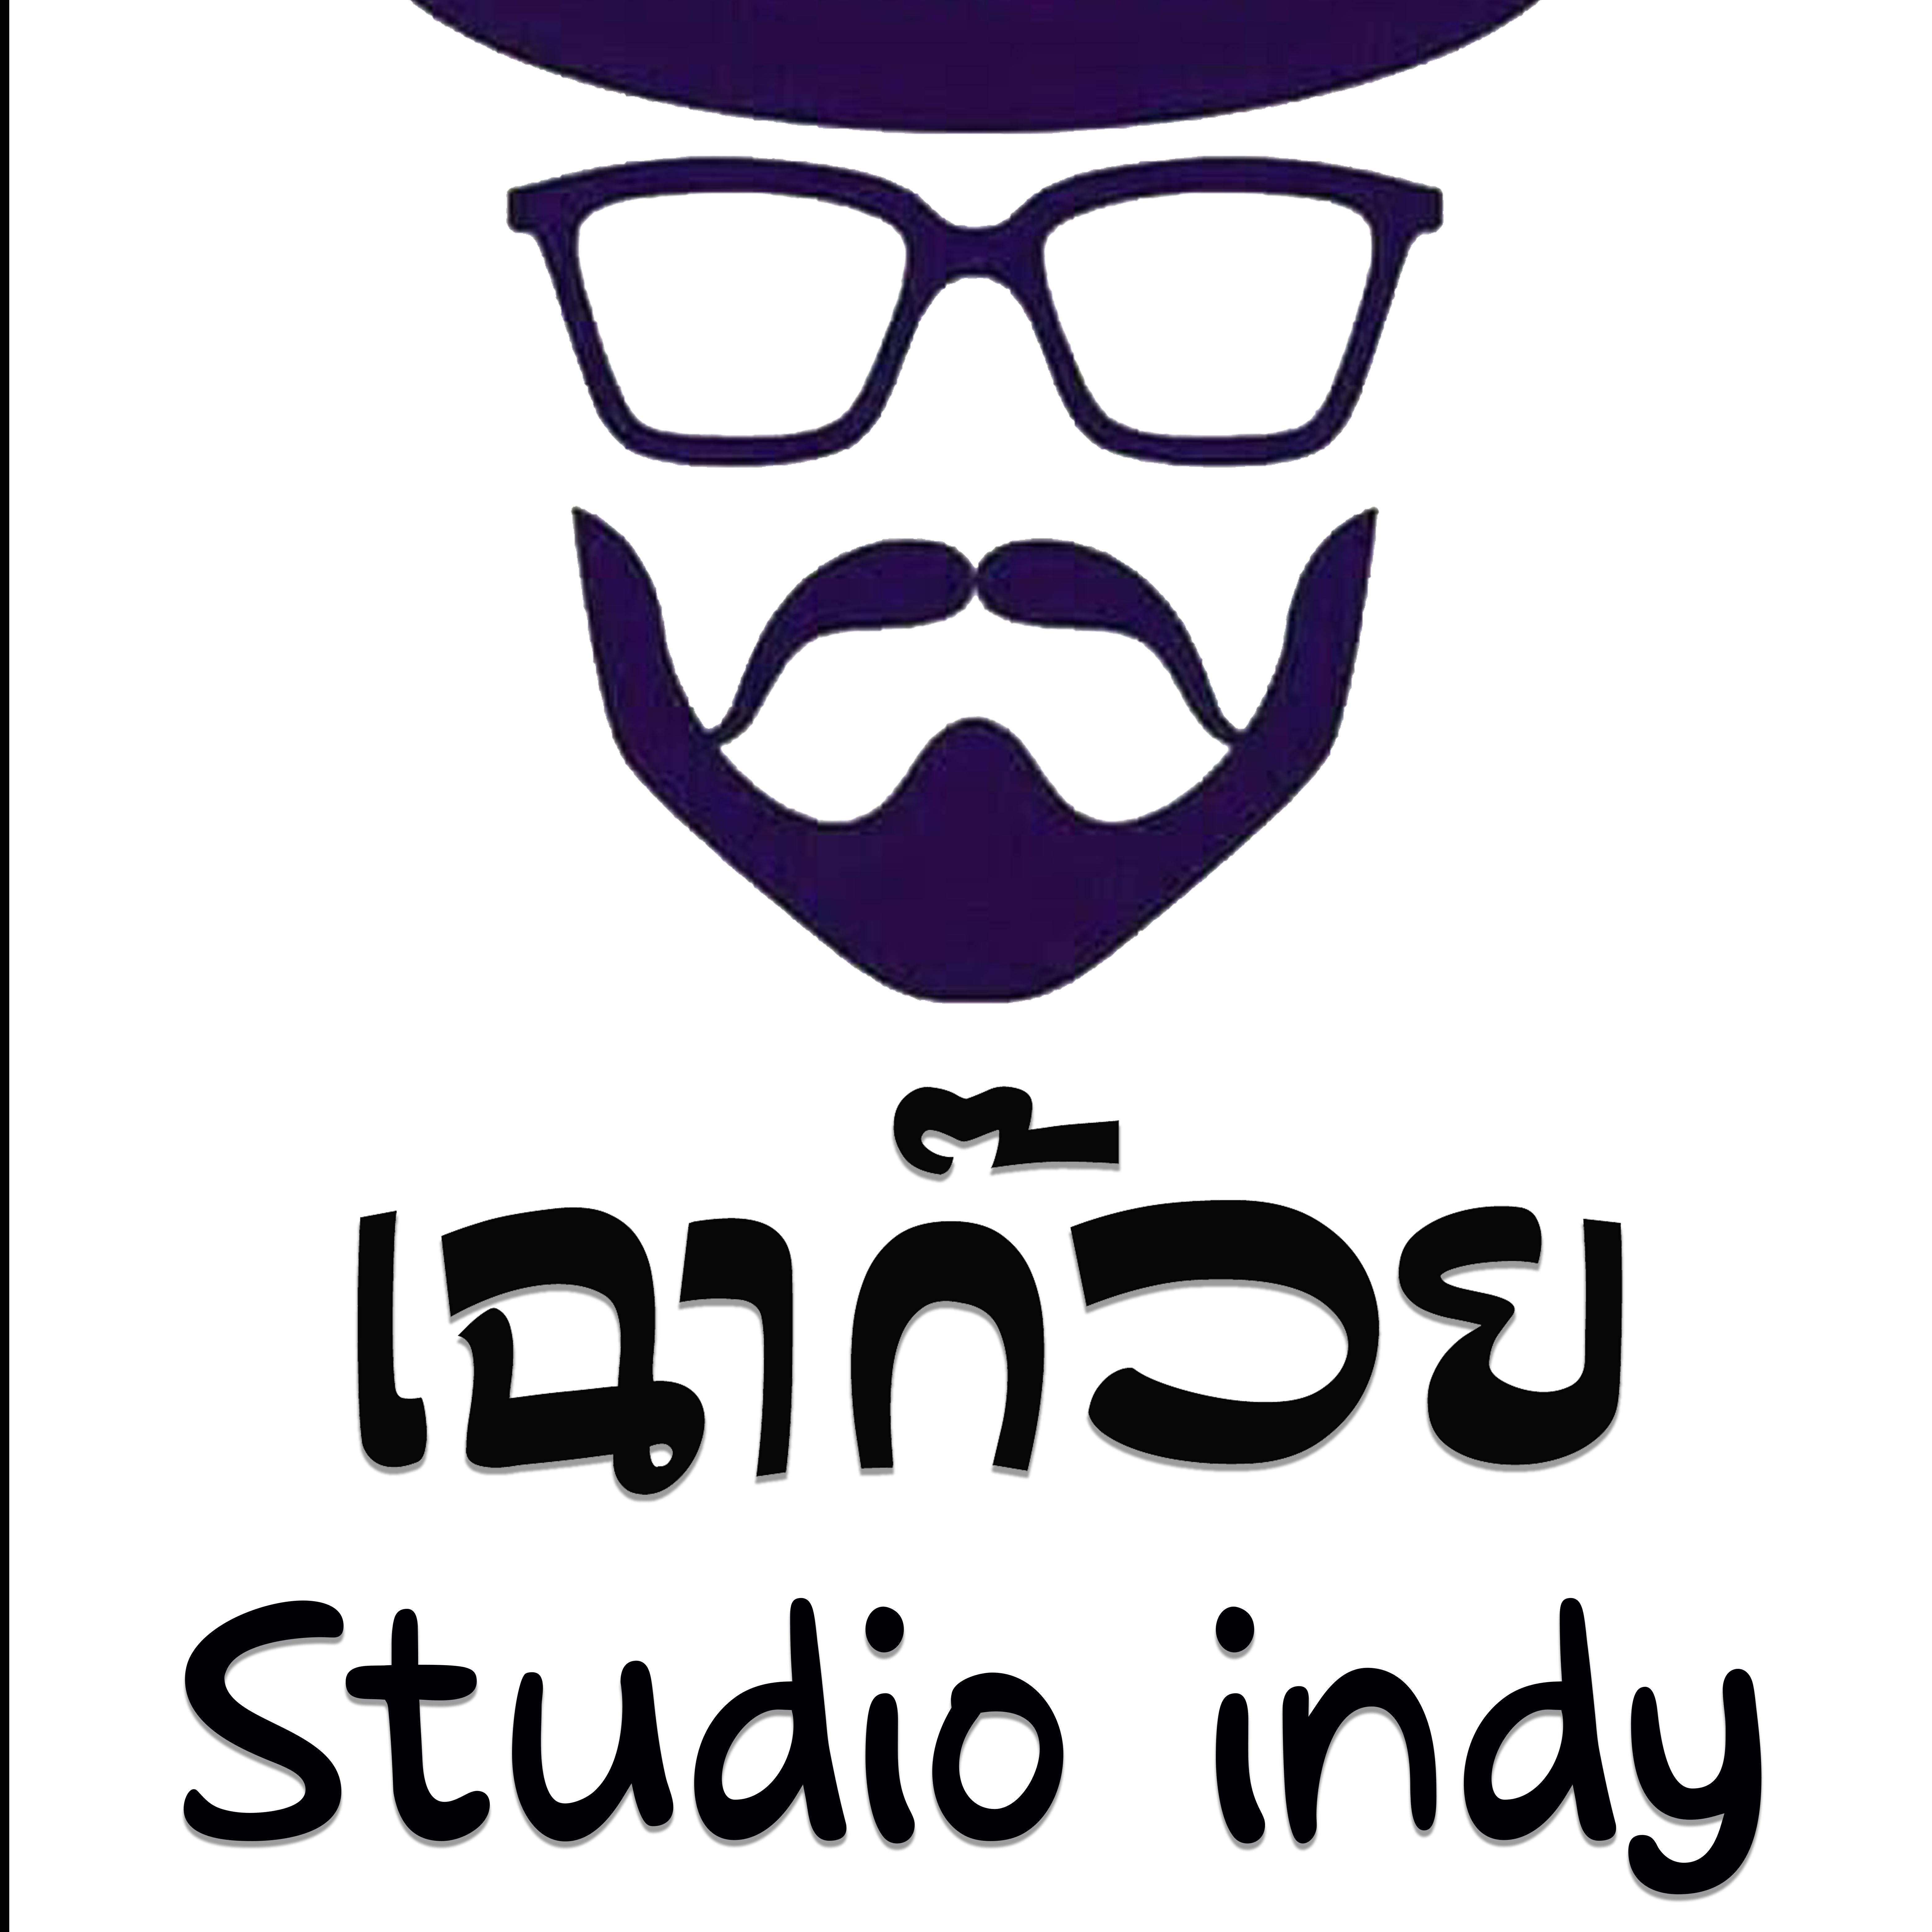 ??????? Studio indy